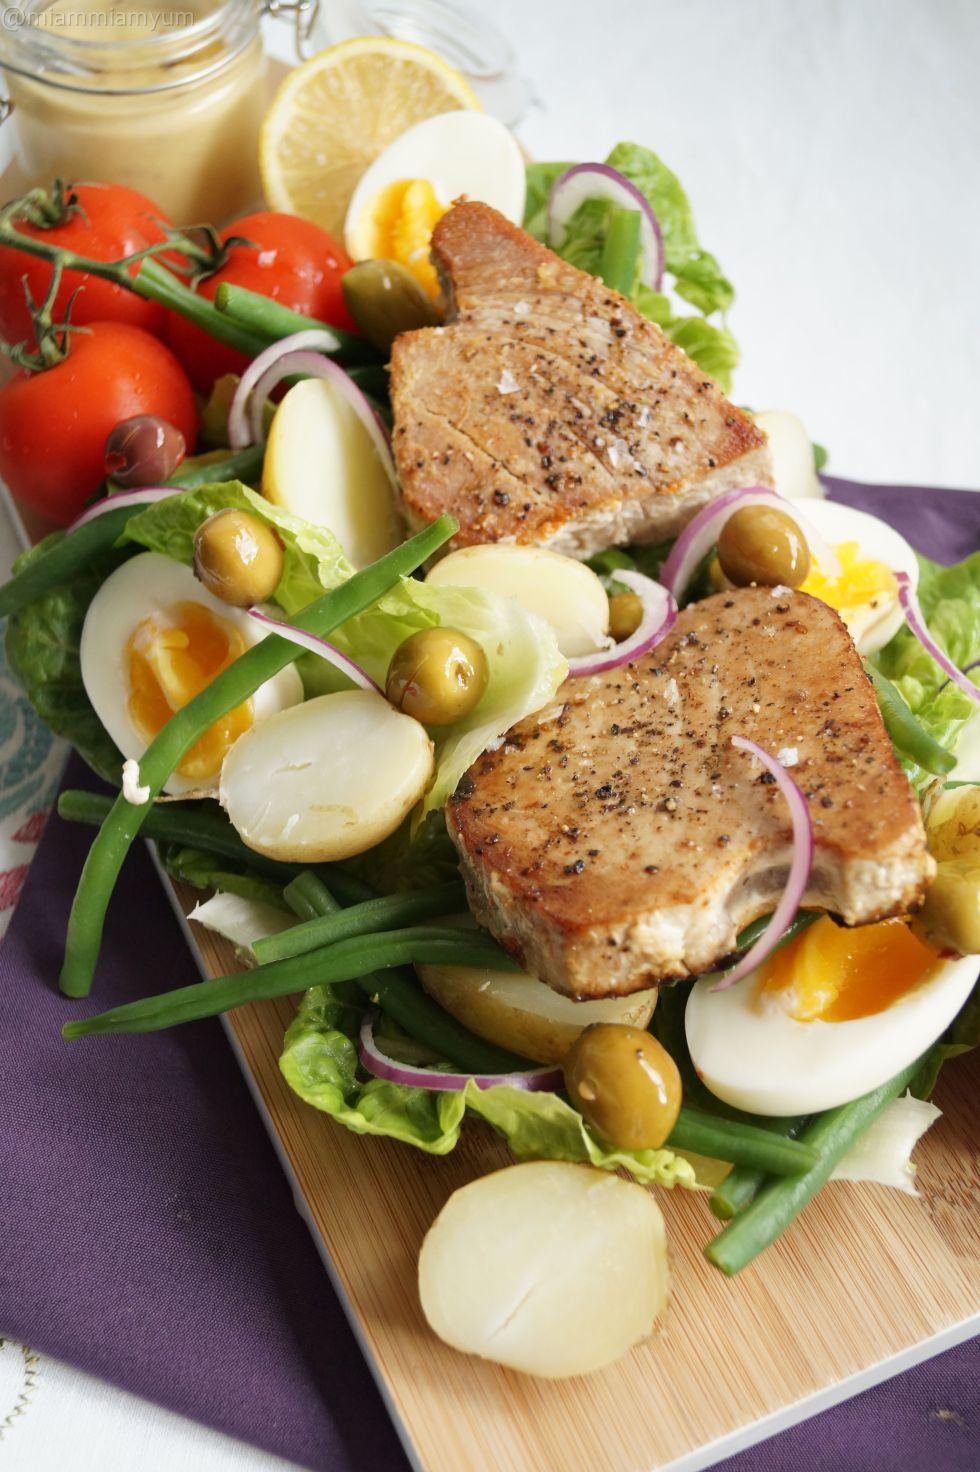 Tuna steak nicoise salad 1